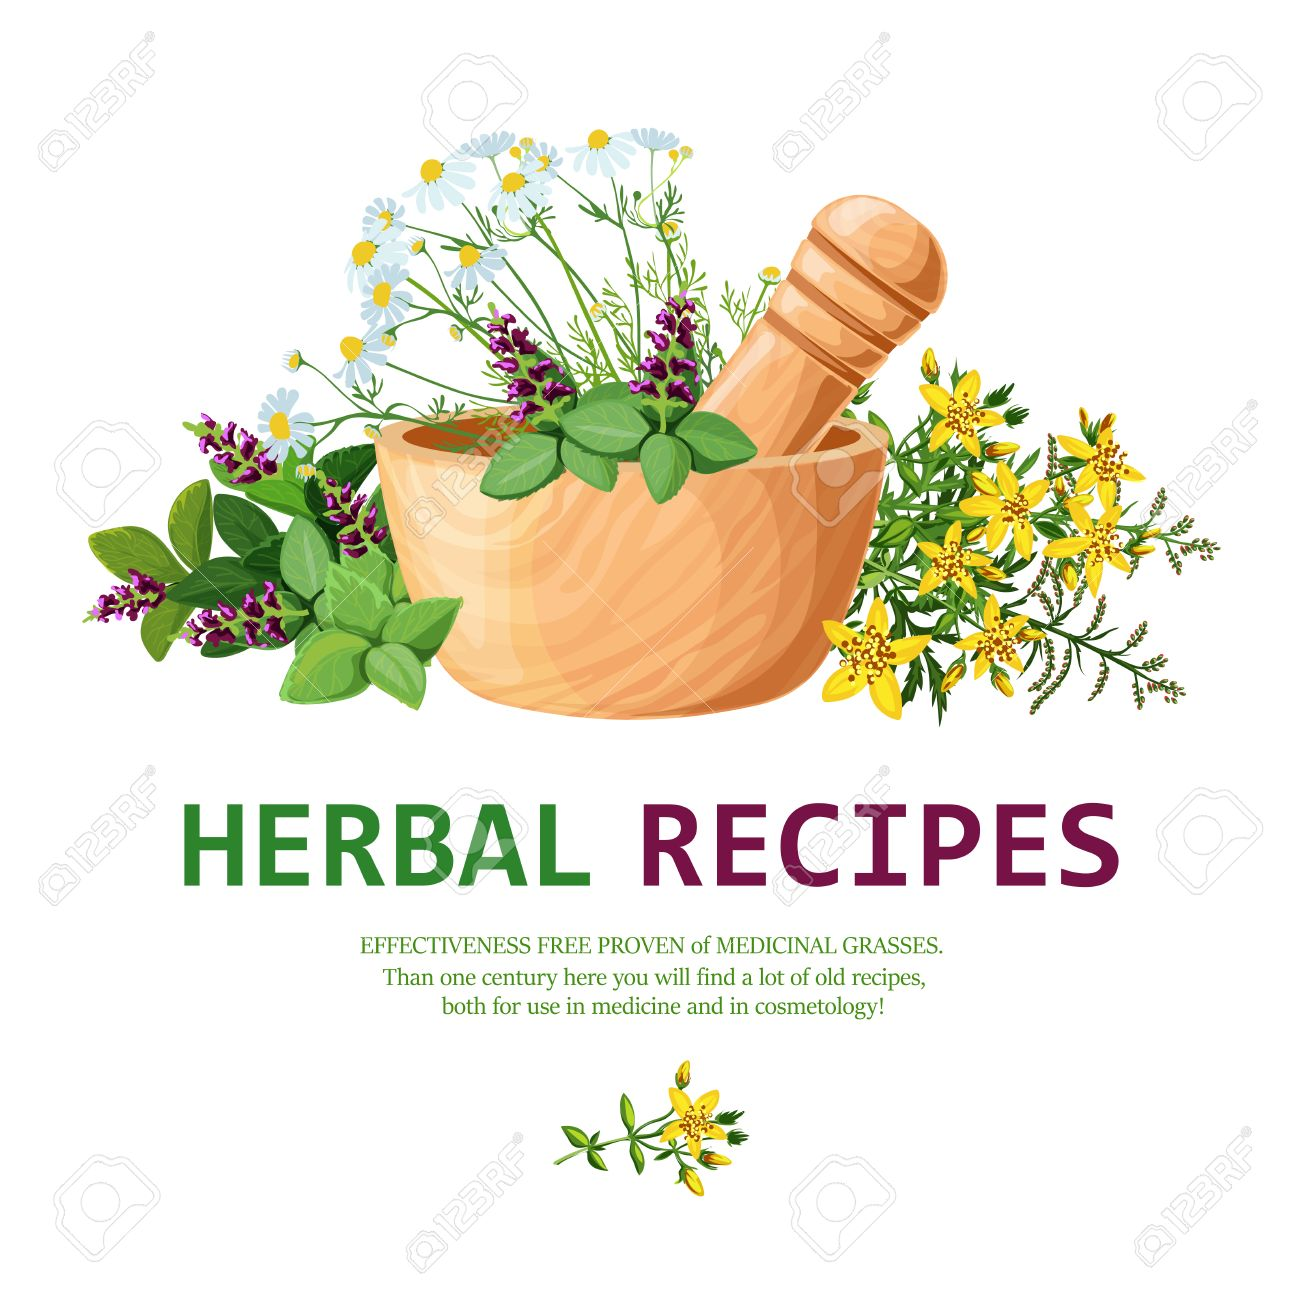 Original Color Illustration Of Medicinal Herbs In Clay Mortar.